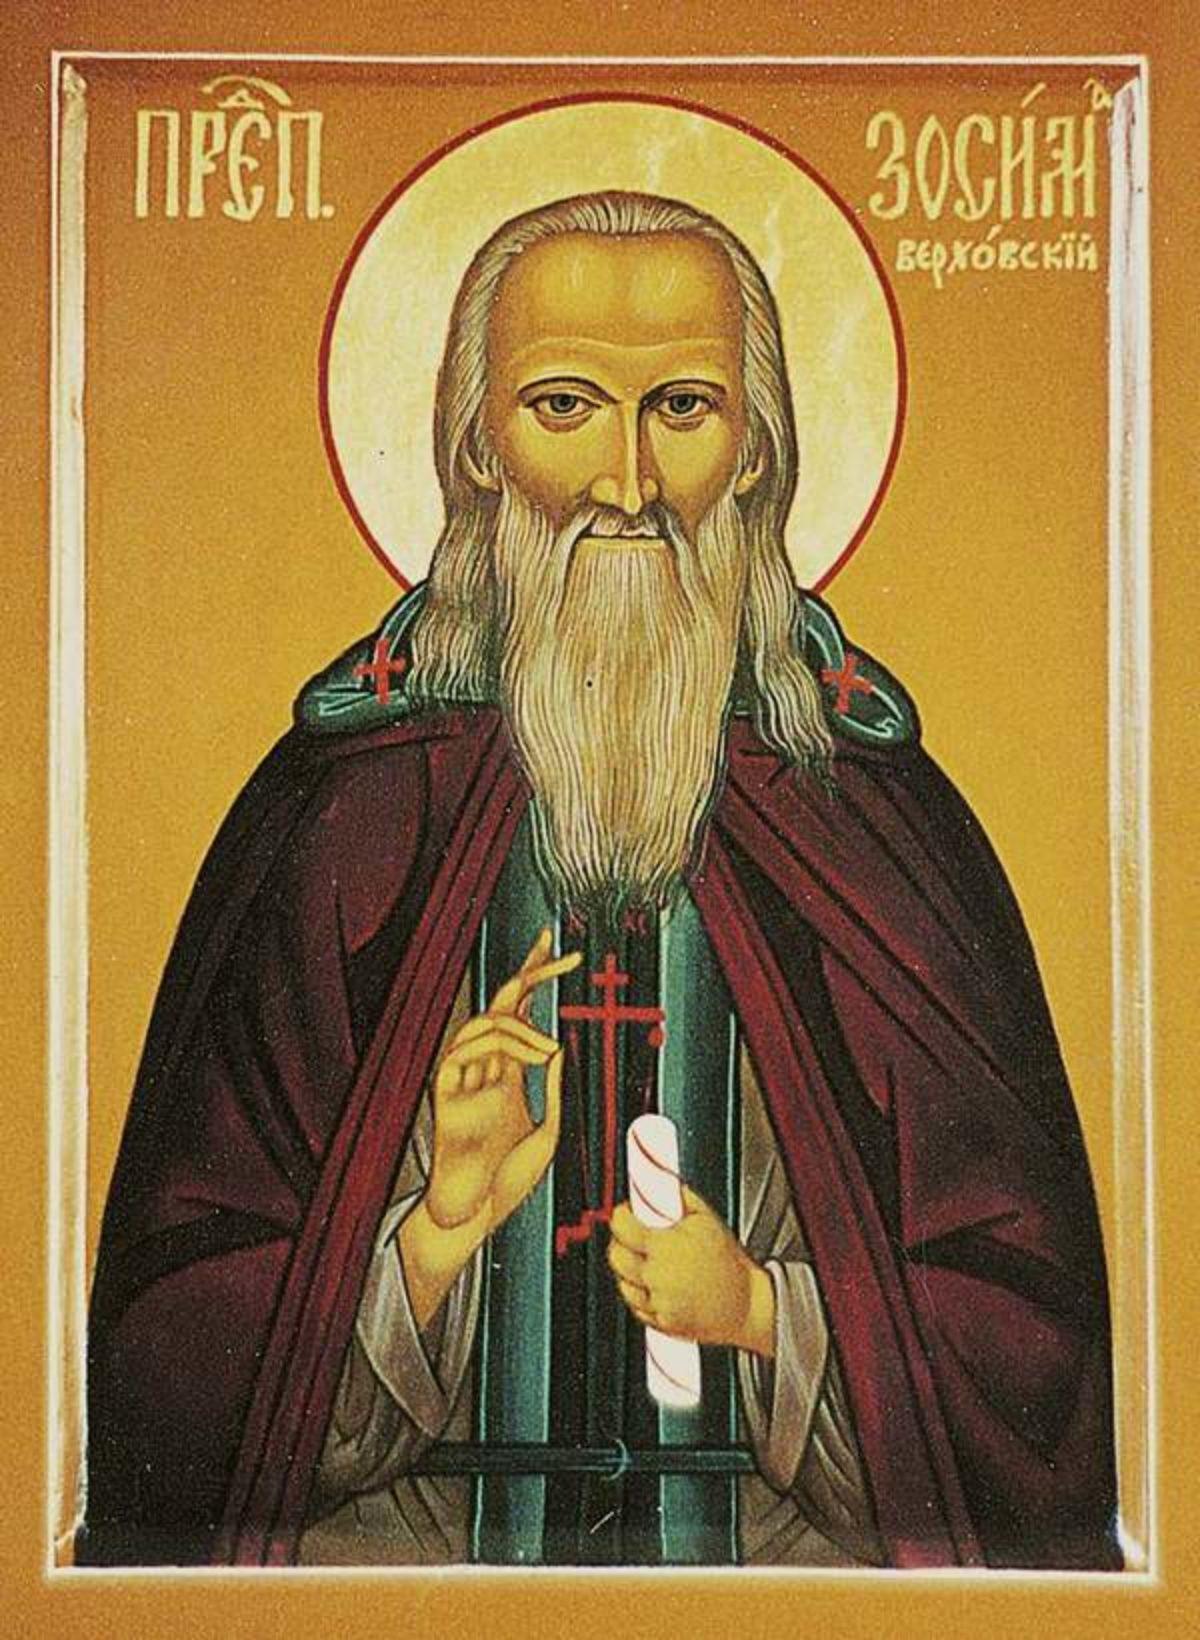 Житие преподобного Зосимы Верховского